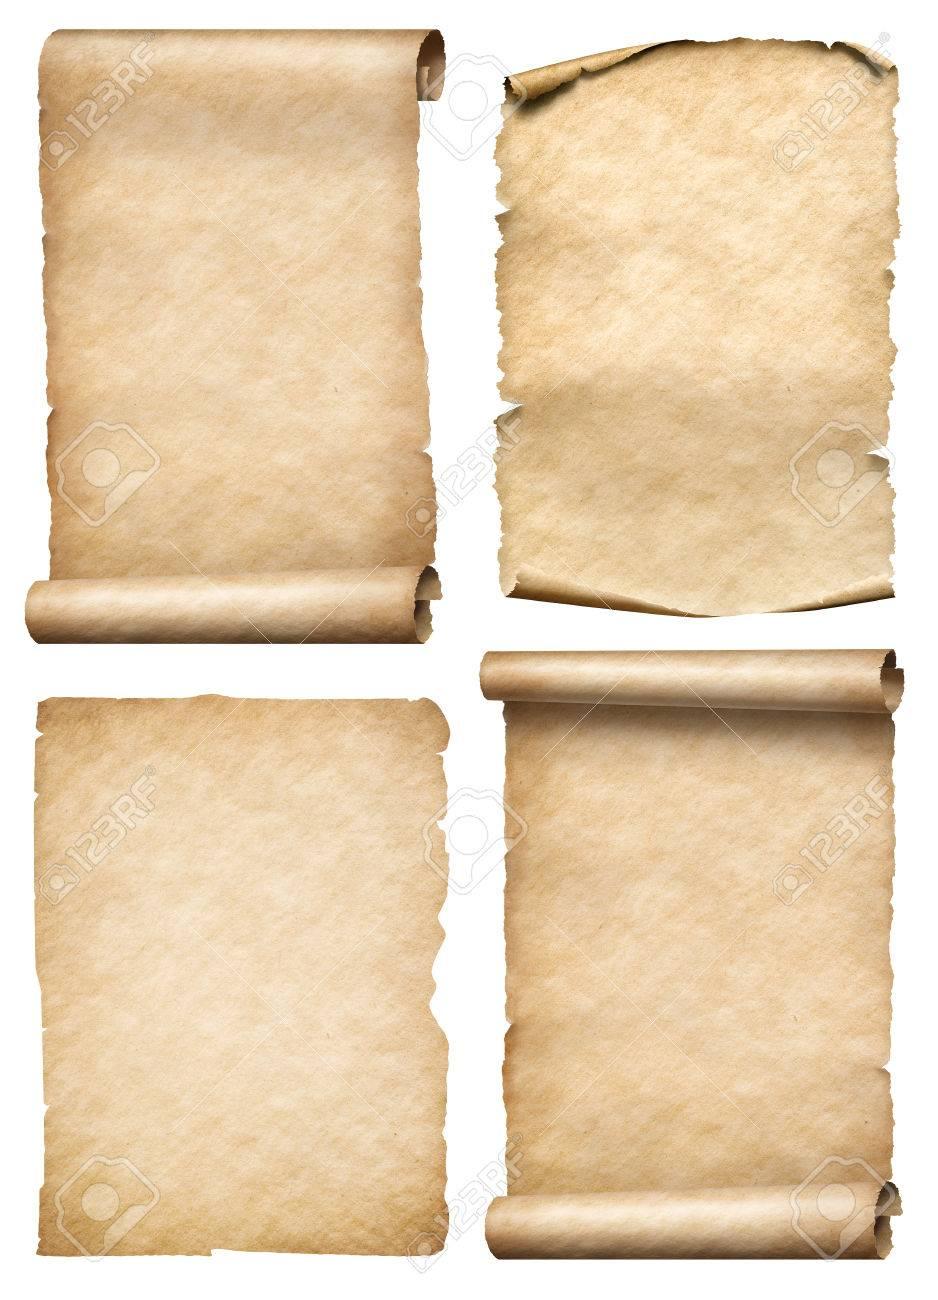 古い紙の巻物や羊皮紙設定臨場 3 D イラスト の写真素材画像素材 Image